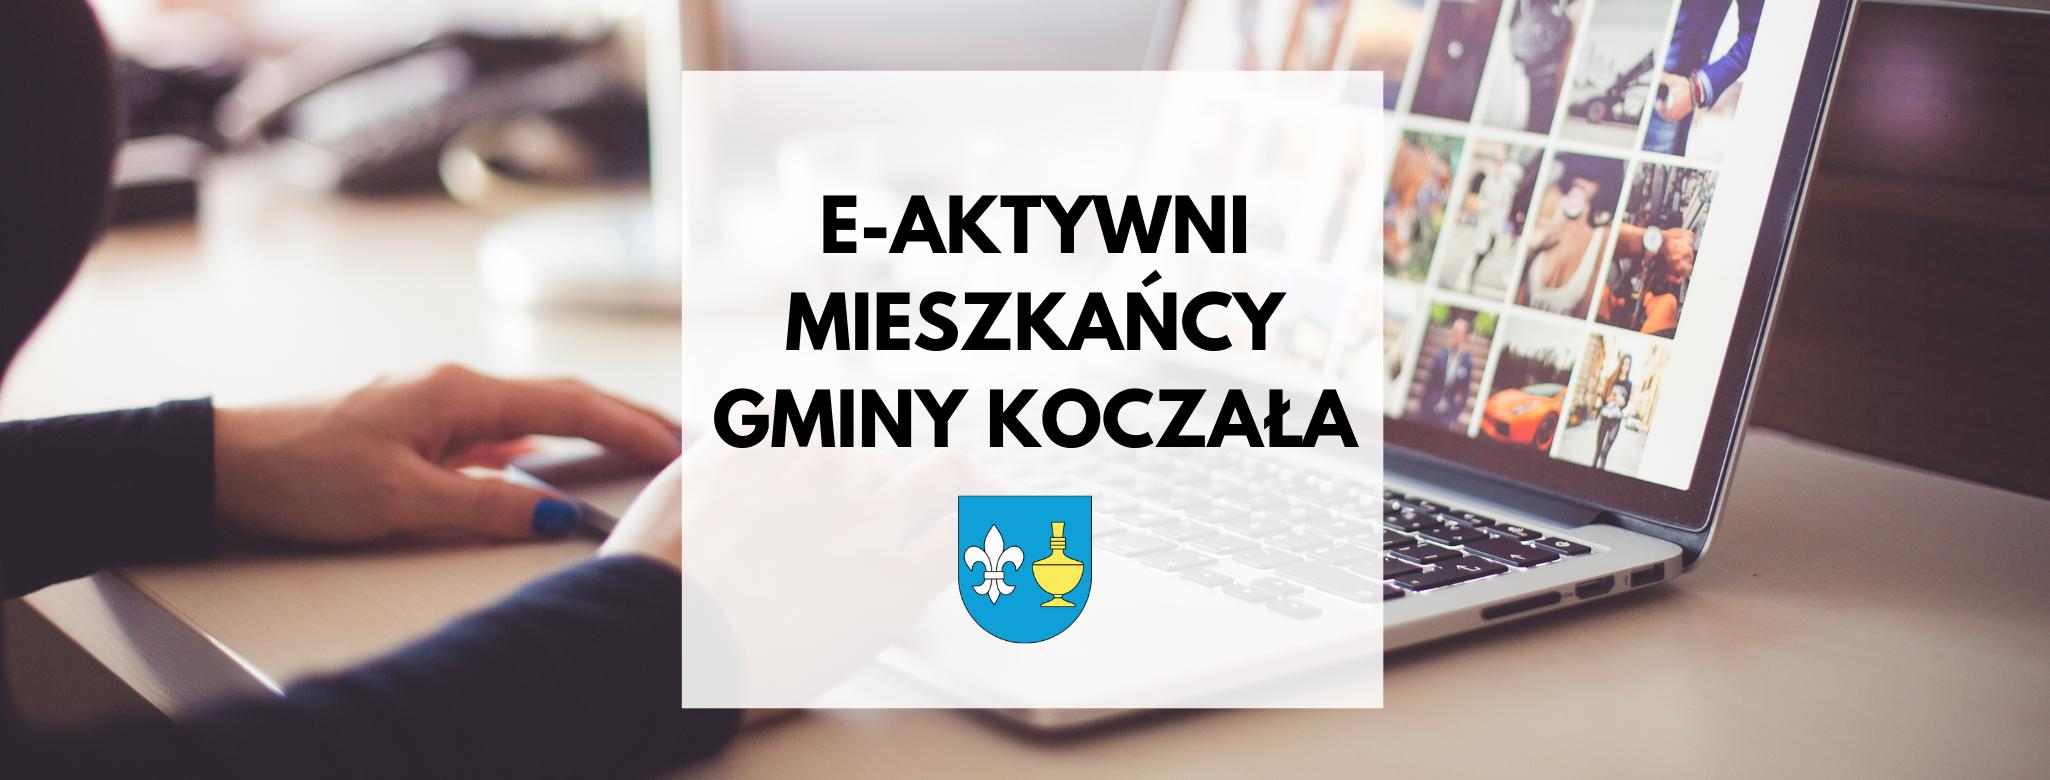 nagłówek graficzny o treści: e-aktywni mieszkańcy Gminy Koczała, grafika w tle: otwarty komputer przenośny. Dodatkowa grafika: herb gminy Koczała.